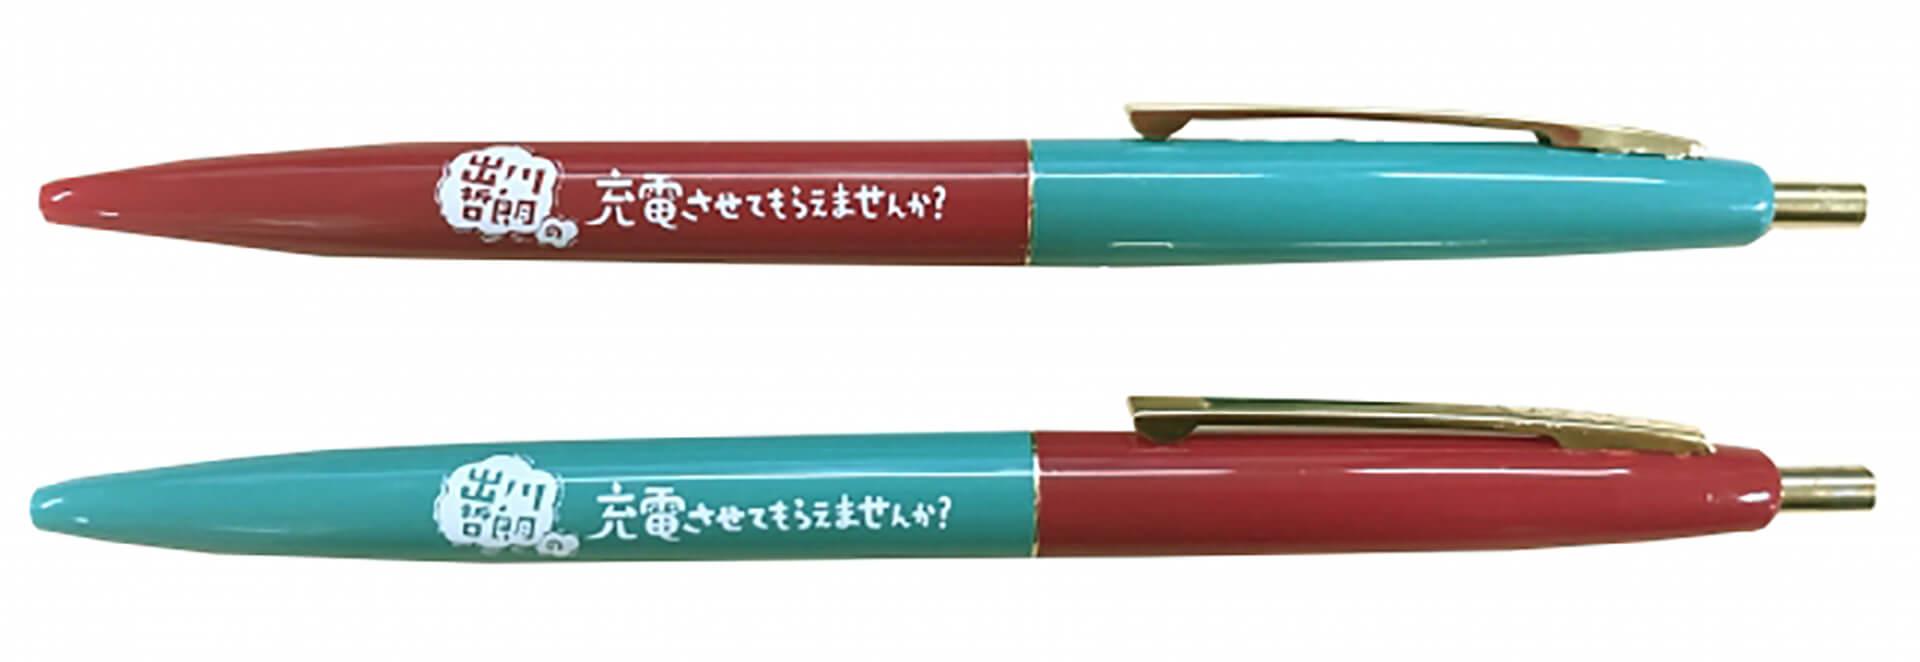 この写真はGO!GO!海洋堂展で販売予定のBICボールペンです。文字中心。本体2色のツートンです。